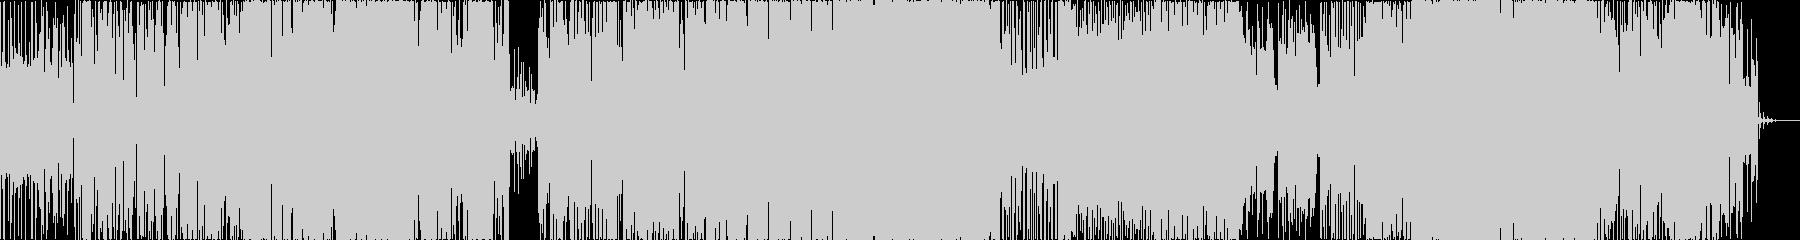 現代的なエレクトロ+バンドサウンドの未再生の波形